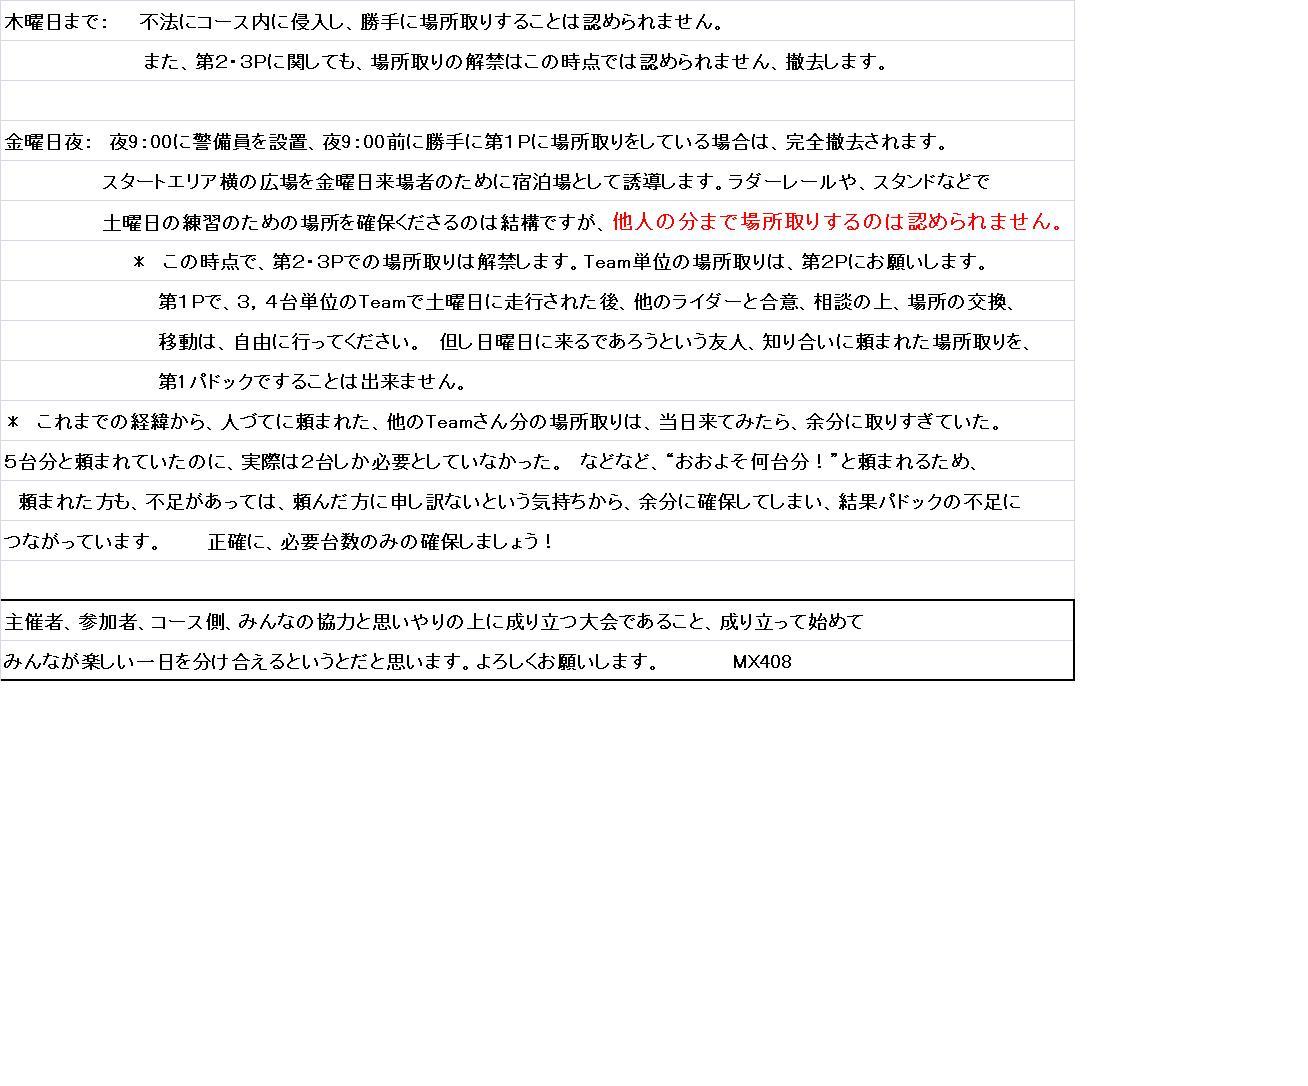 9月13日練習走行のお知らせ_f0158379_18362310.jpg